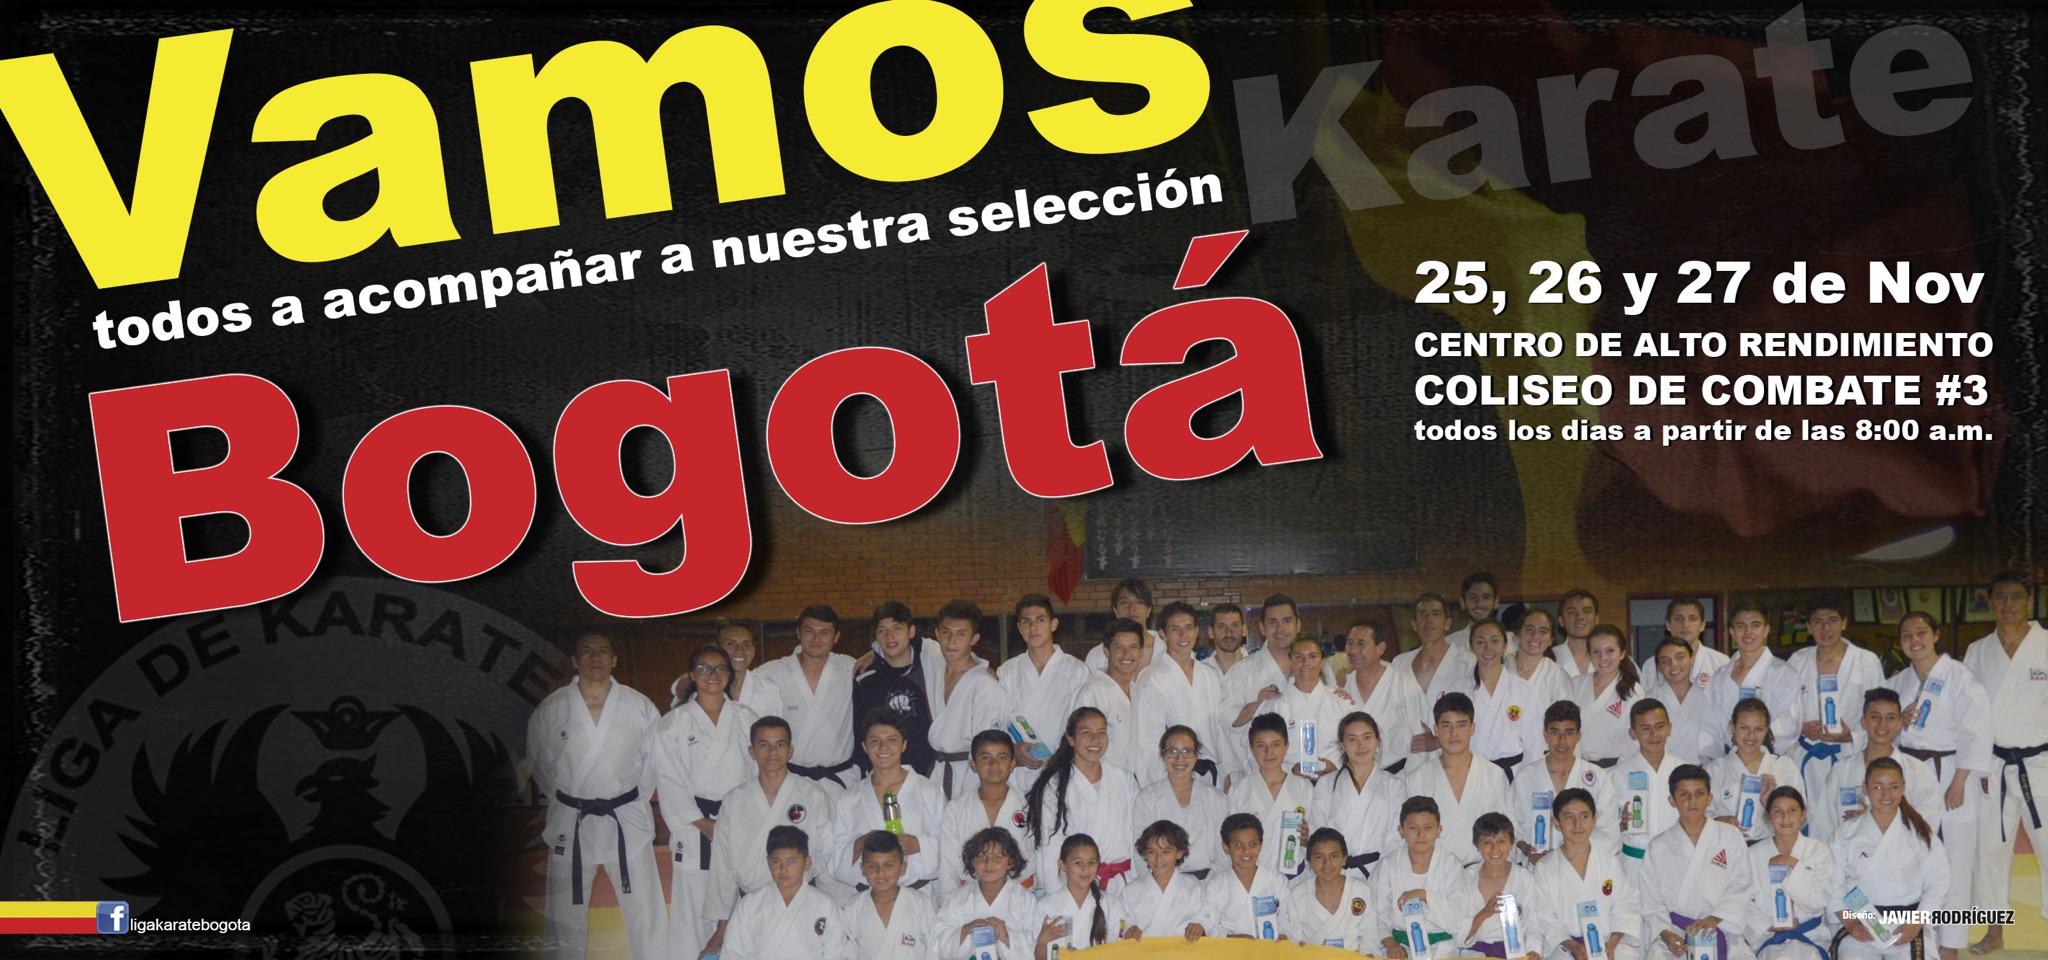 Imagen de portada para el artículo: III Campeonato Nacional Interligas e Interclubes